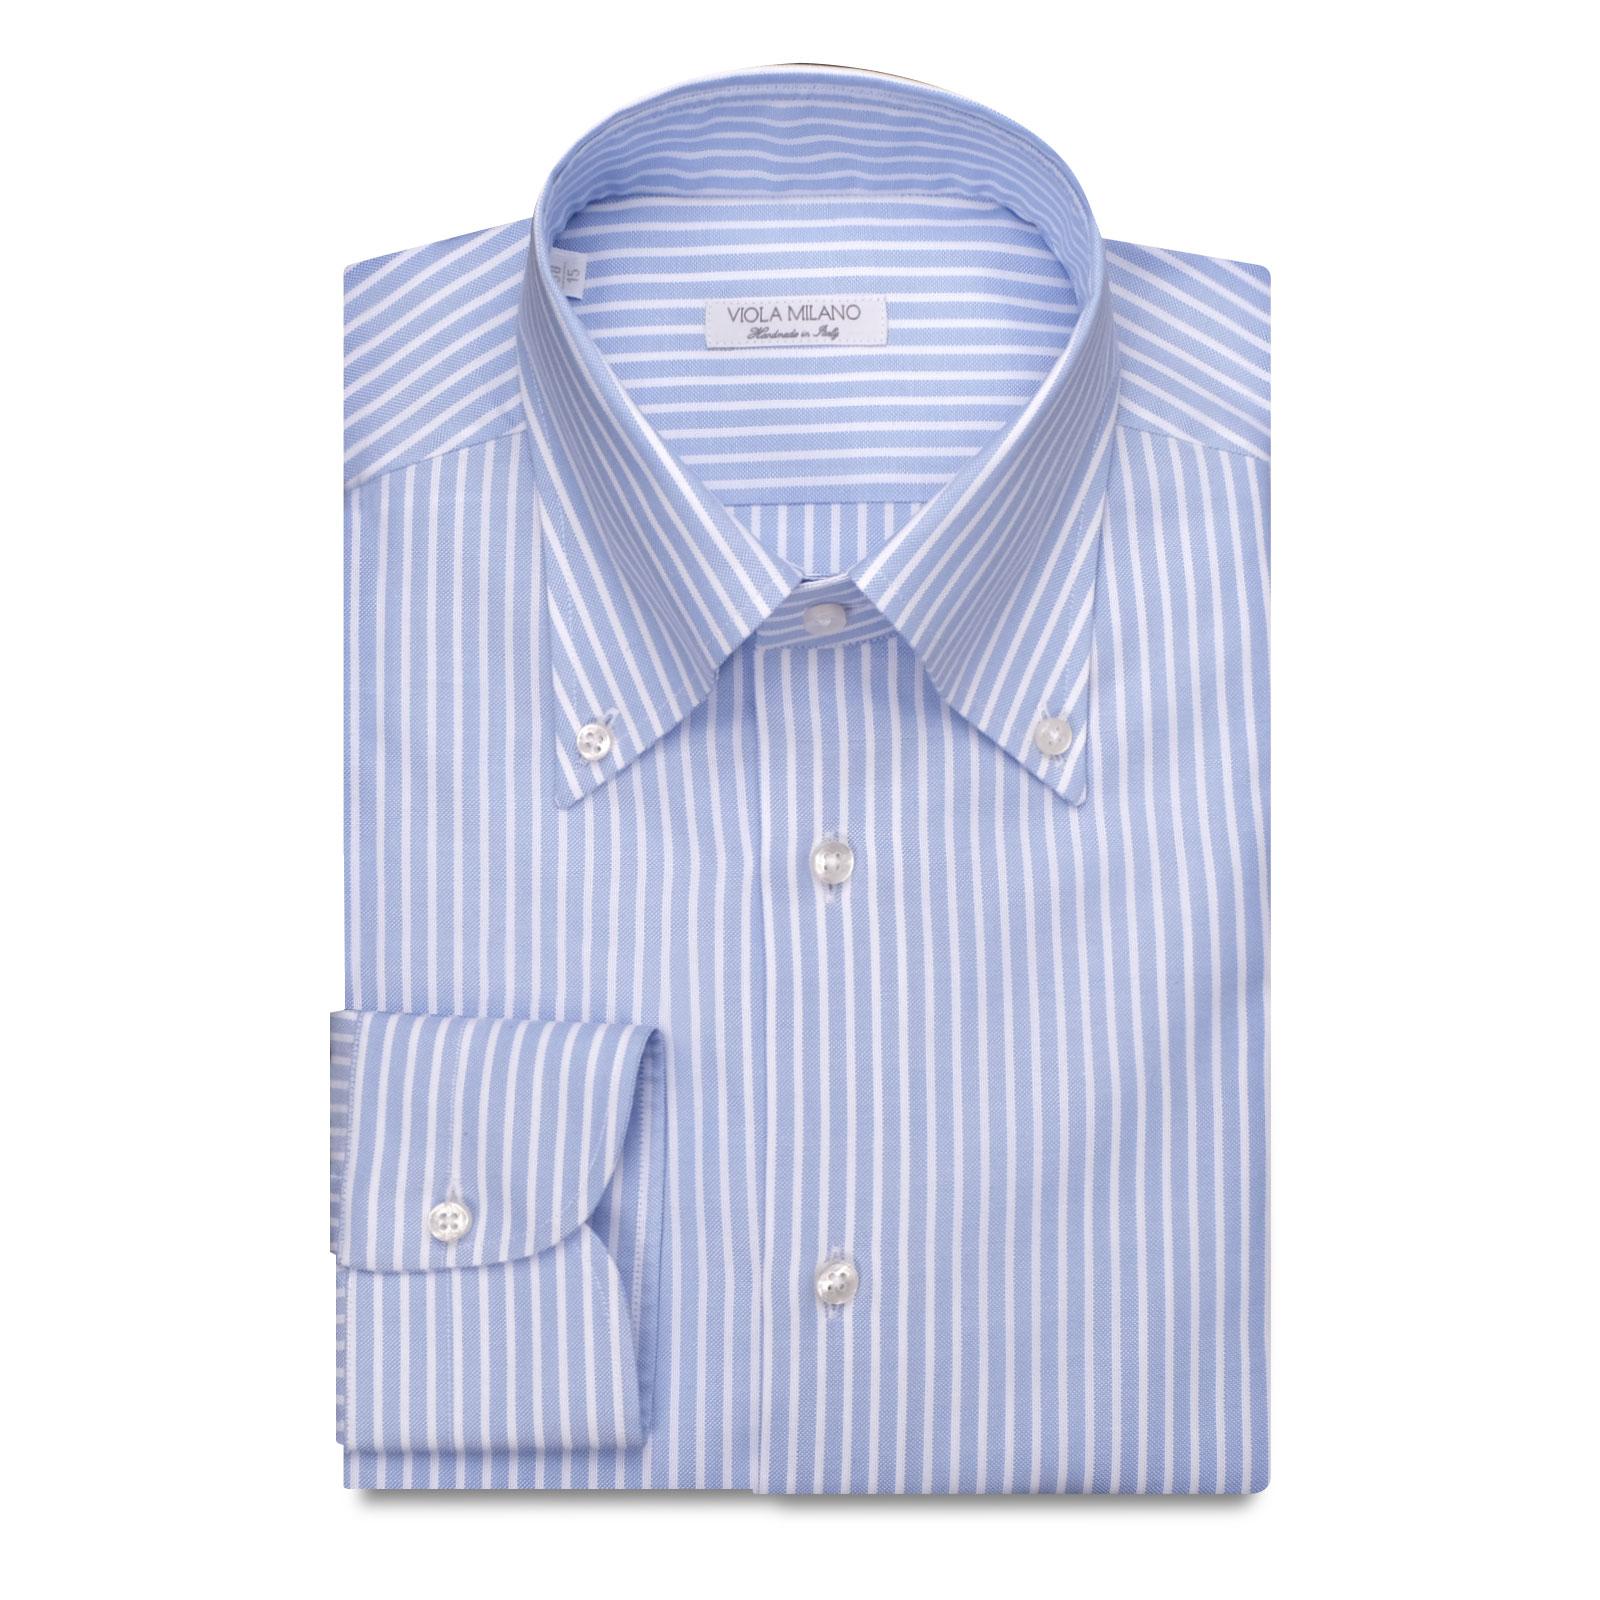 Stripe American Oxford Button-Down Collar Dress Shirt - Sea/White